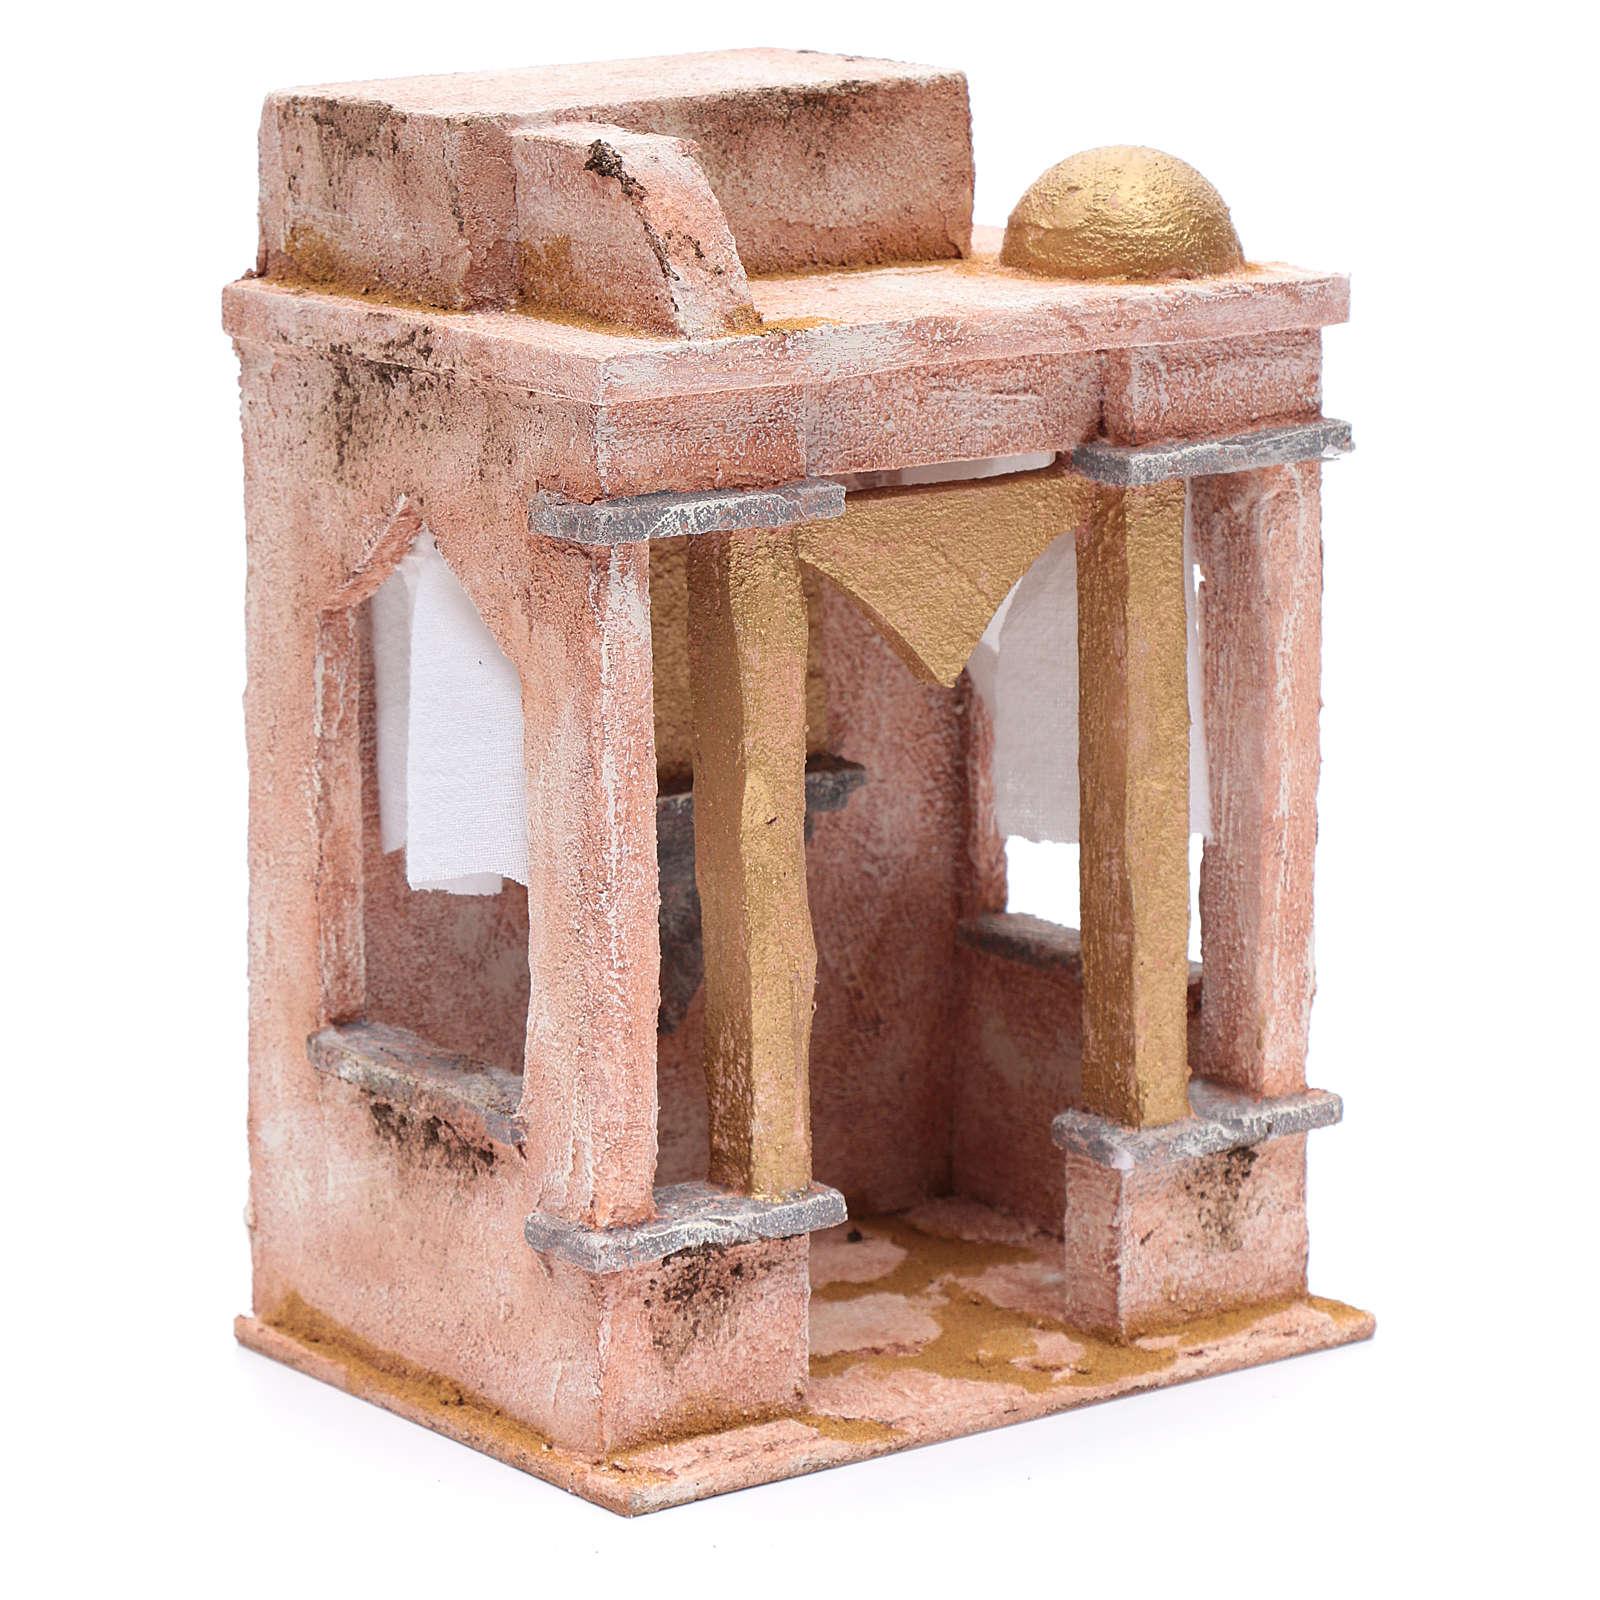 Tempio in stile arabo con colonne 25x20x15 cm 4